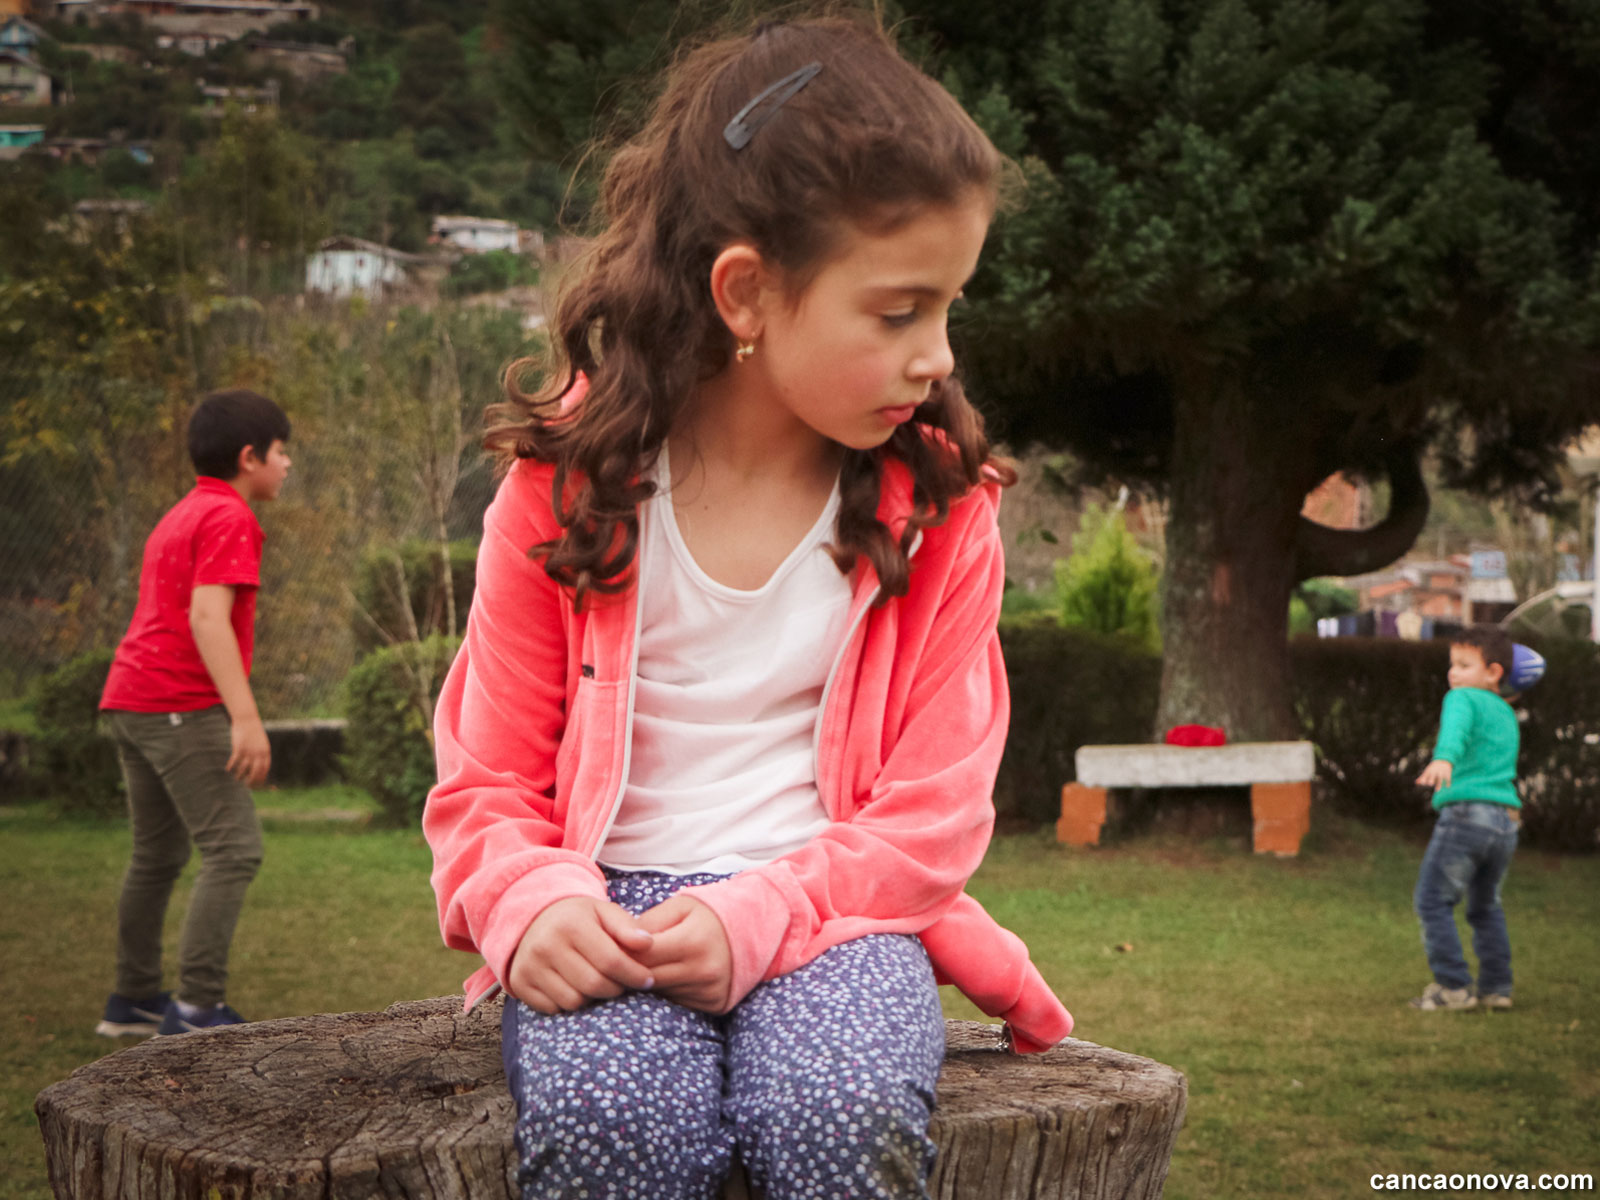 O bullying pode estar mais perto de você do que imagina